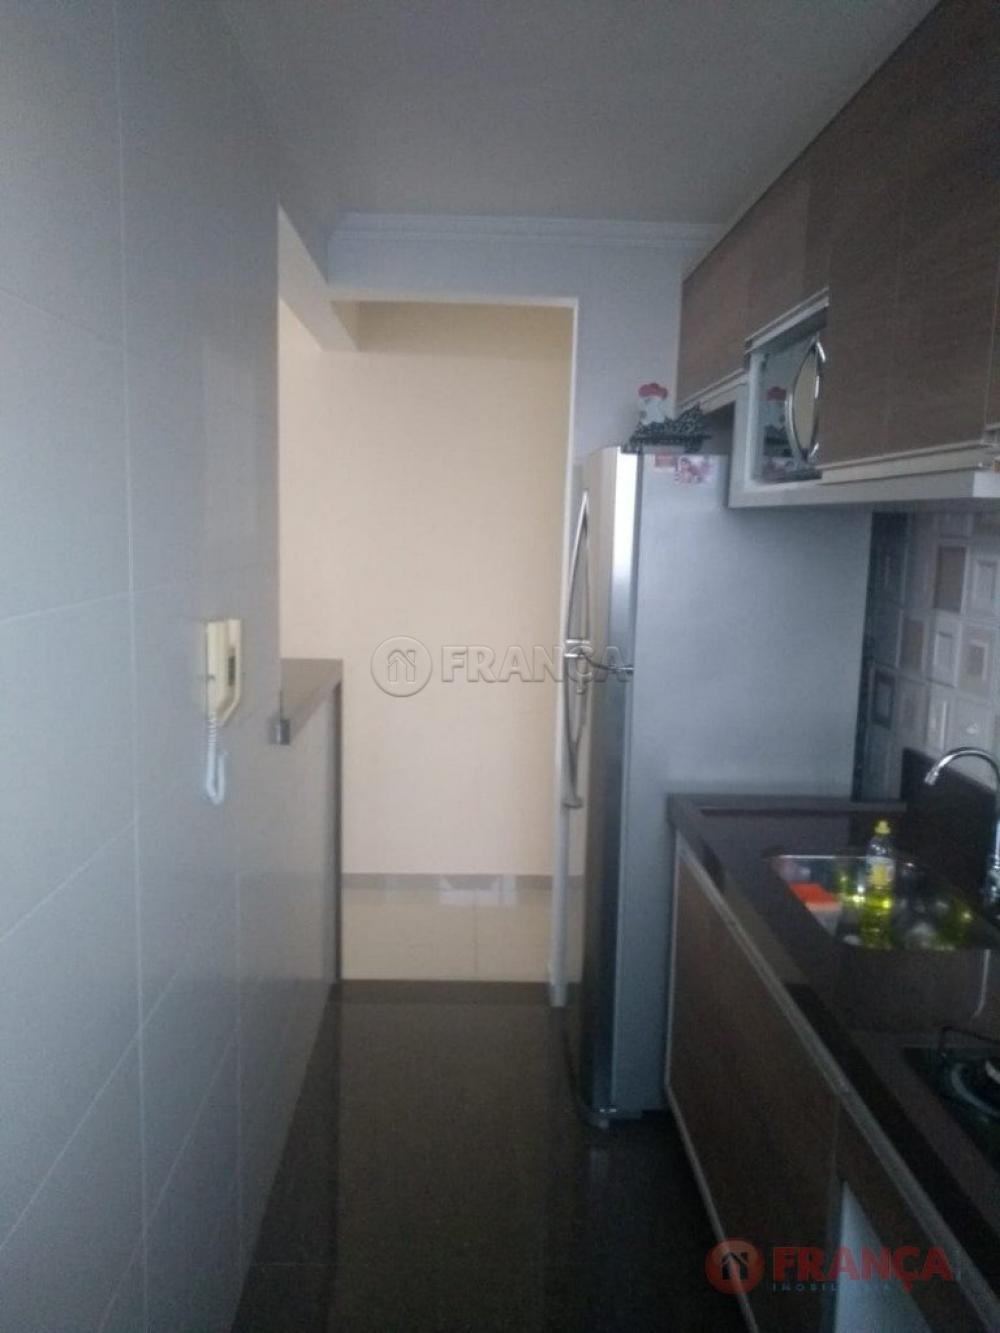 Comprar Apartamento / Padrão em Jacareí apenas R$ 170.000,00 - Foto 9